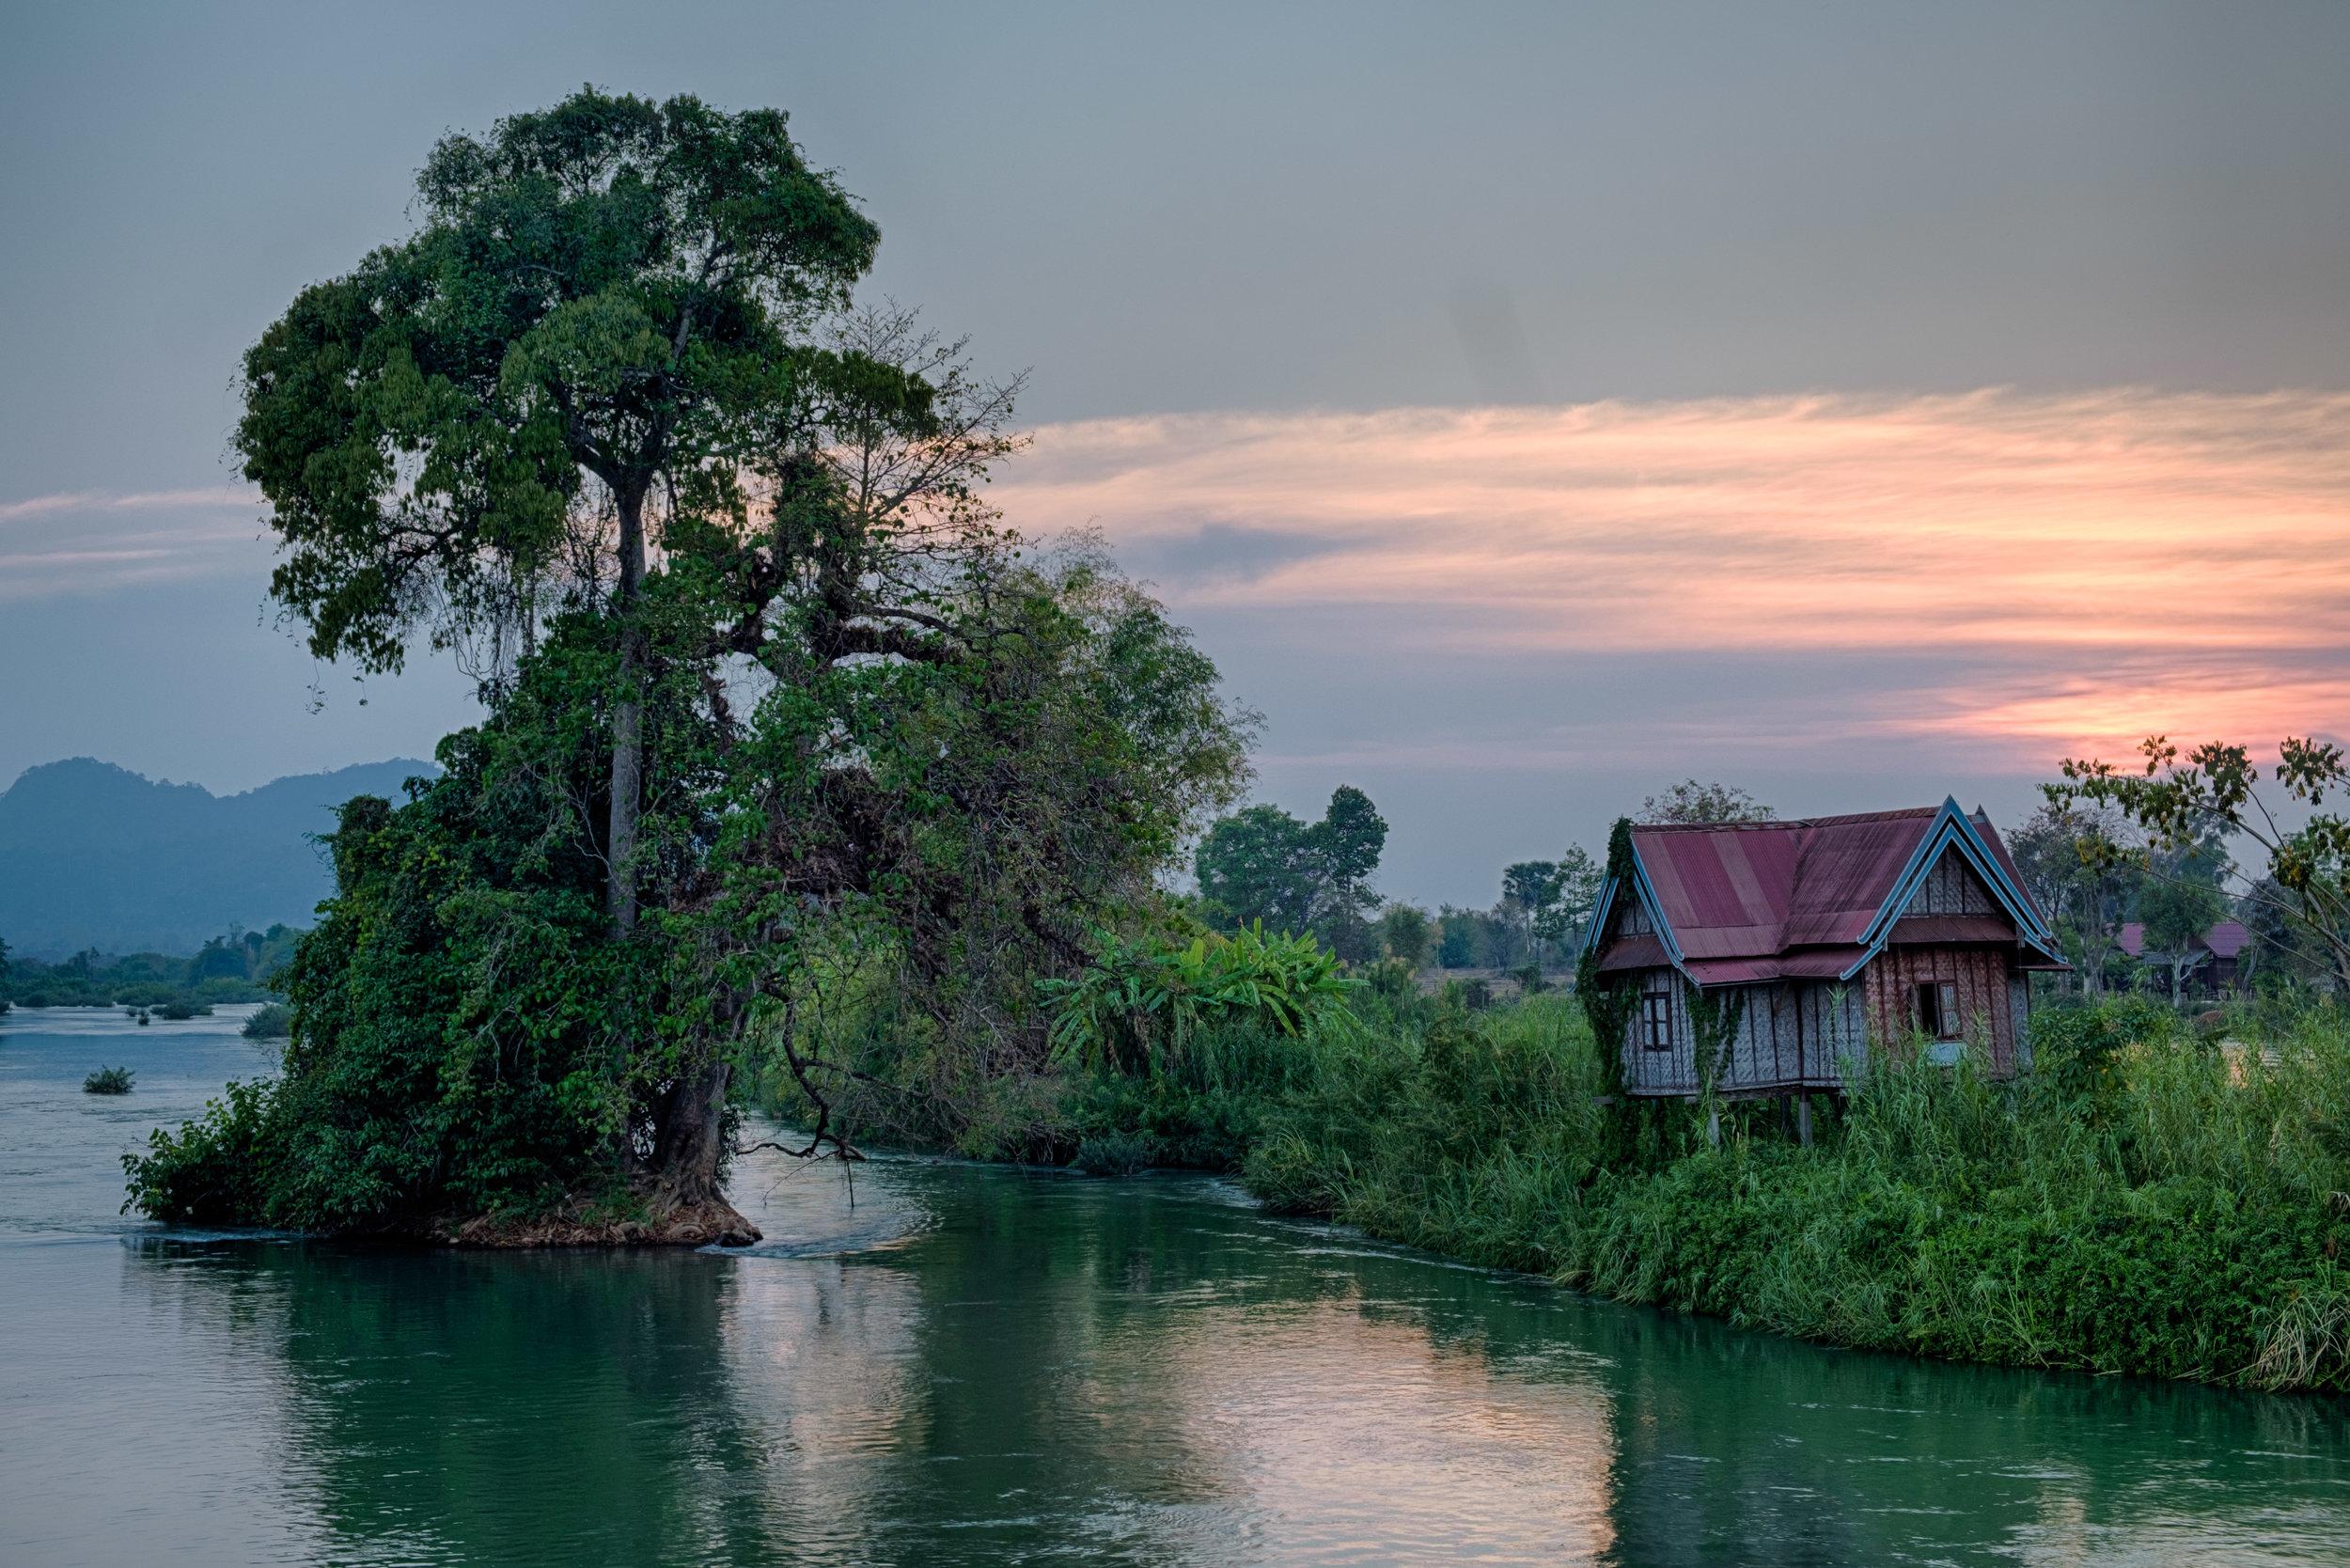 Maison sur une île au milieu de la rivière.